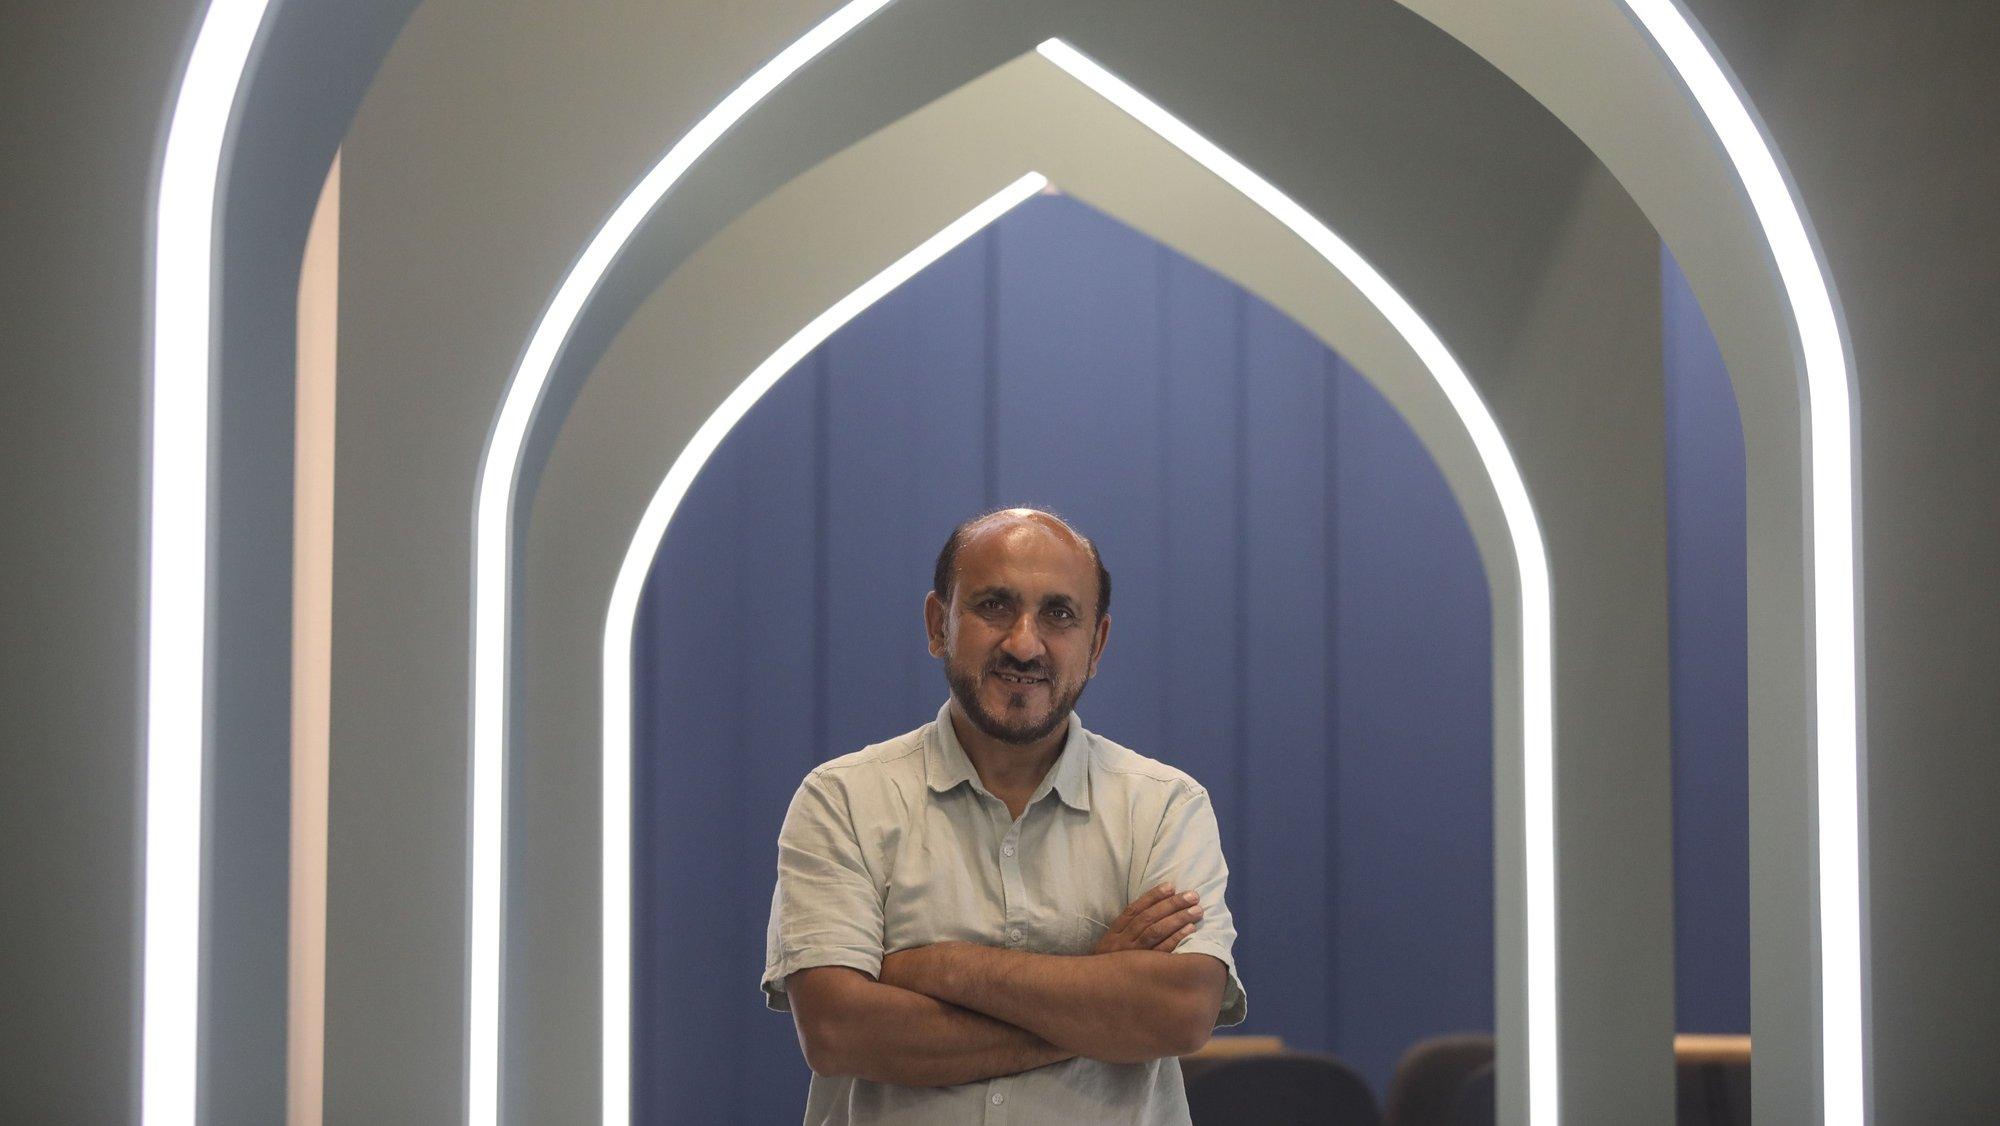 Omer Rahimy responsável pelo Pavilhão do Afeganistão na Expo Dubai 2020, é o mentor de haver um pavilhão do Afeganistão na Expo Dubai, ao ter disponibilizado espólio familiar que veio da Áustria, após os talibãs tomaram Cabul, a participação que estava a ser preparada pelo governo anterior ficou suspensa e com a indicação de acabar, Dubai,  Emirados Árabes Unidos, 21 de outubro de 2021. (ACOMPANHA TEXTO DE 22 DE OUTUBRO DE 2021). ANDRÉ KOSTERS/LUSA